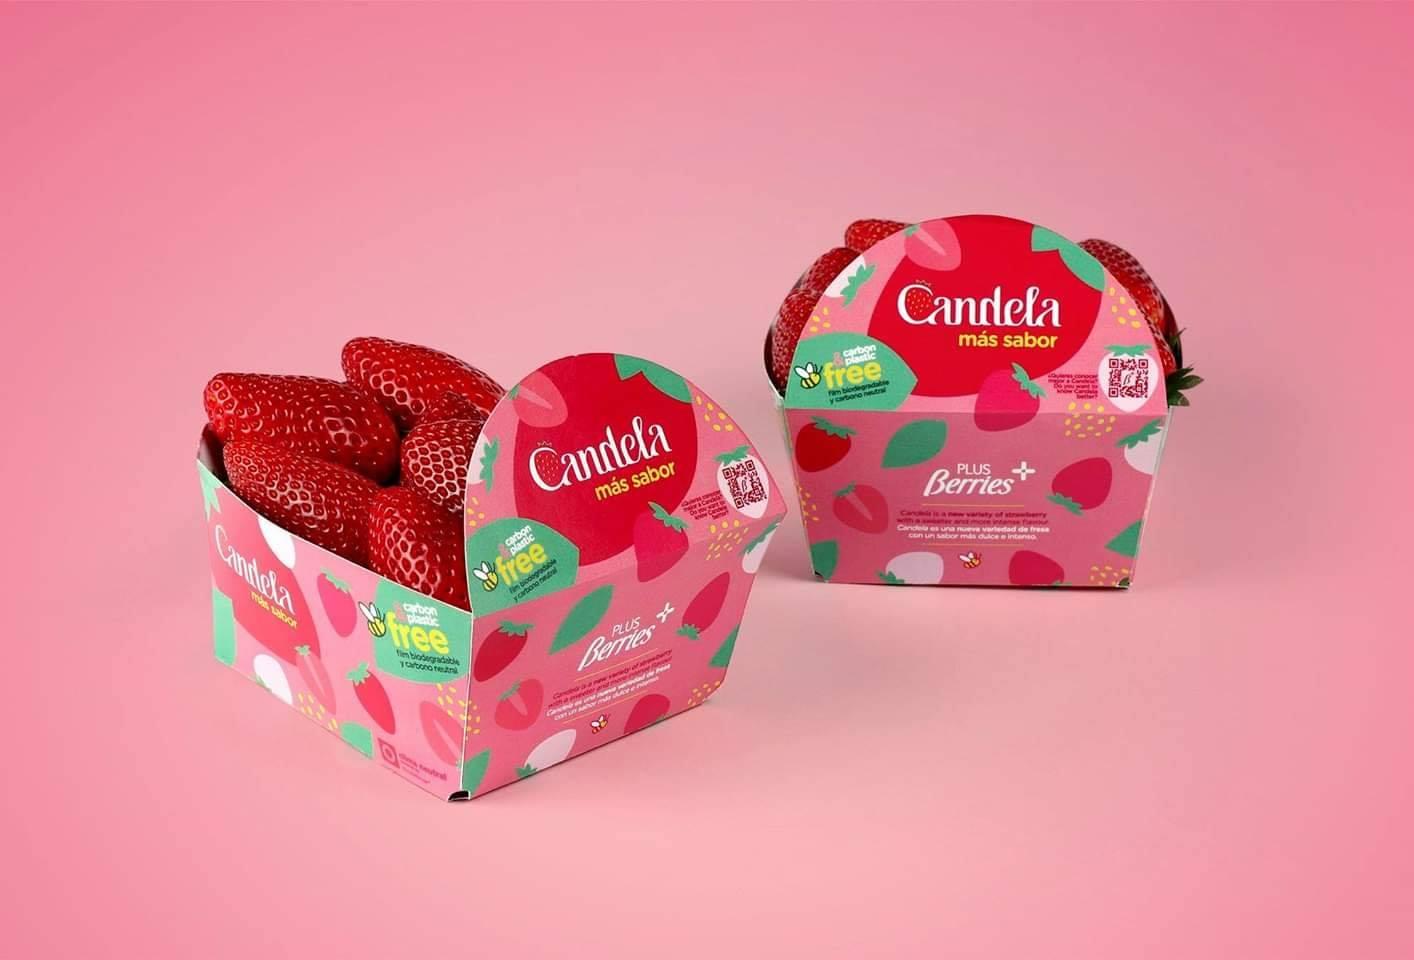 Plus Berries comercializará una nueva variedad de fresa premium propia